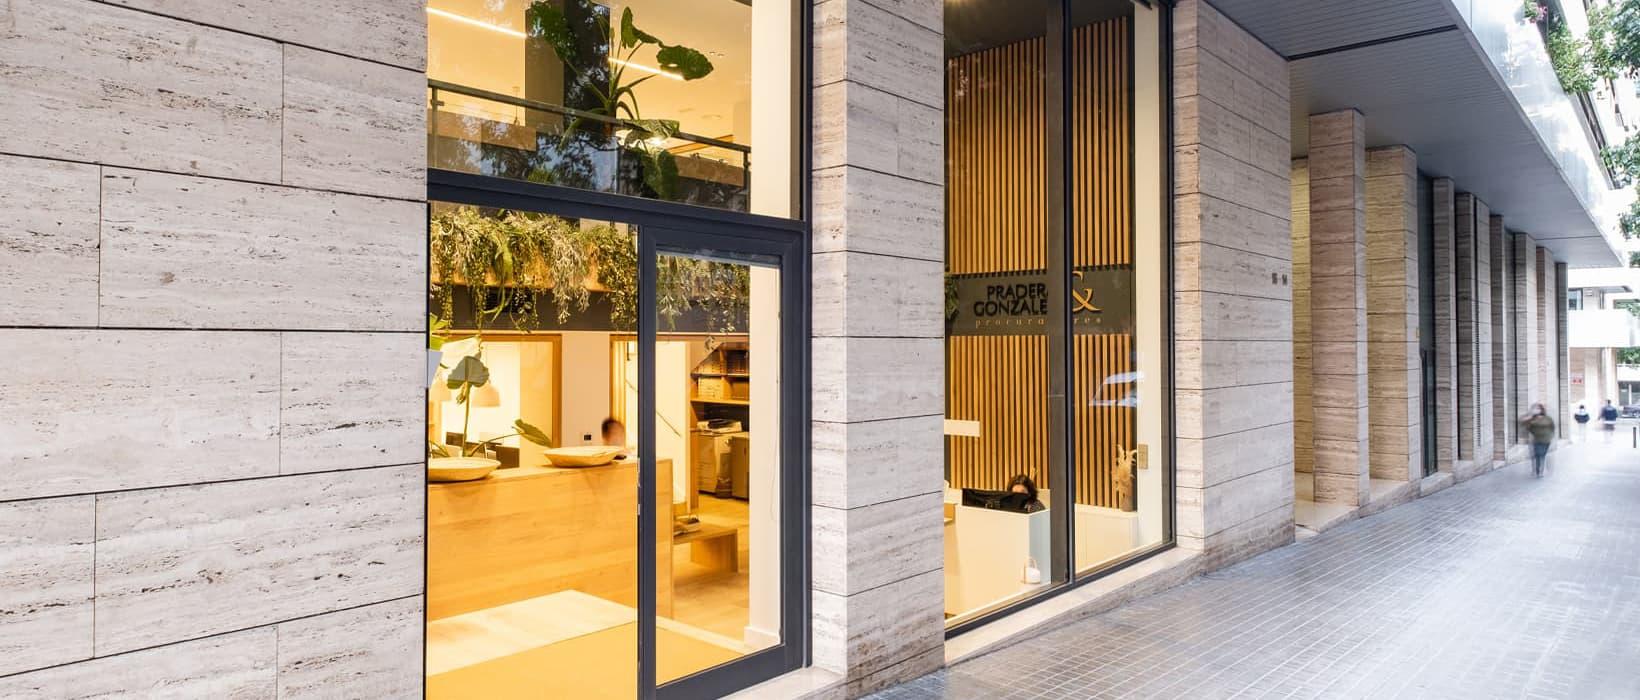 Primer plano de la entrada al despacho Pradera González Procuradores en la calle Oiso 18 de Barcelona